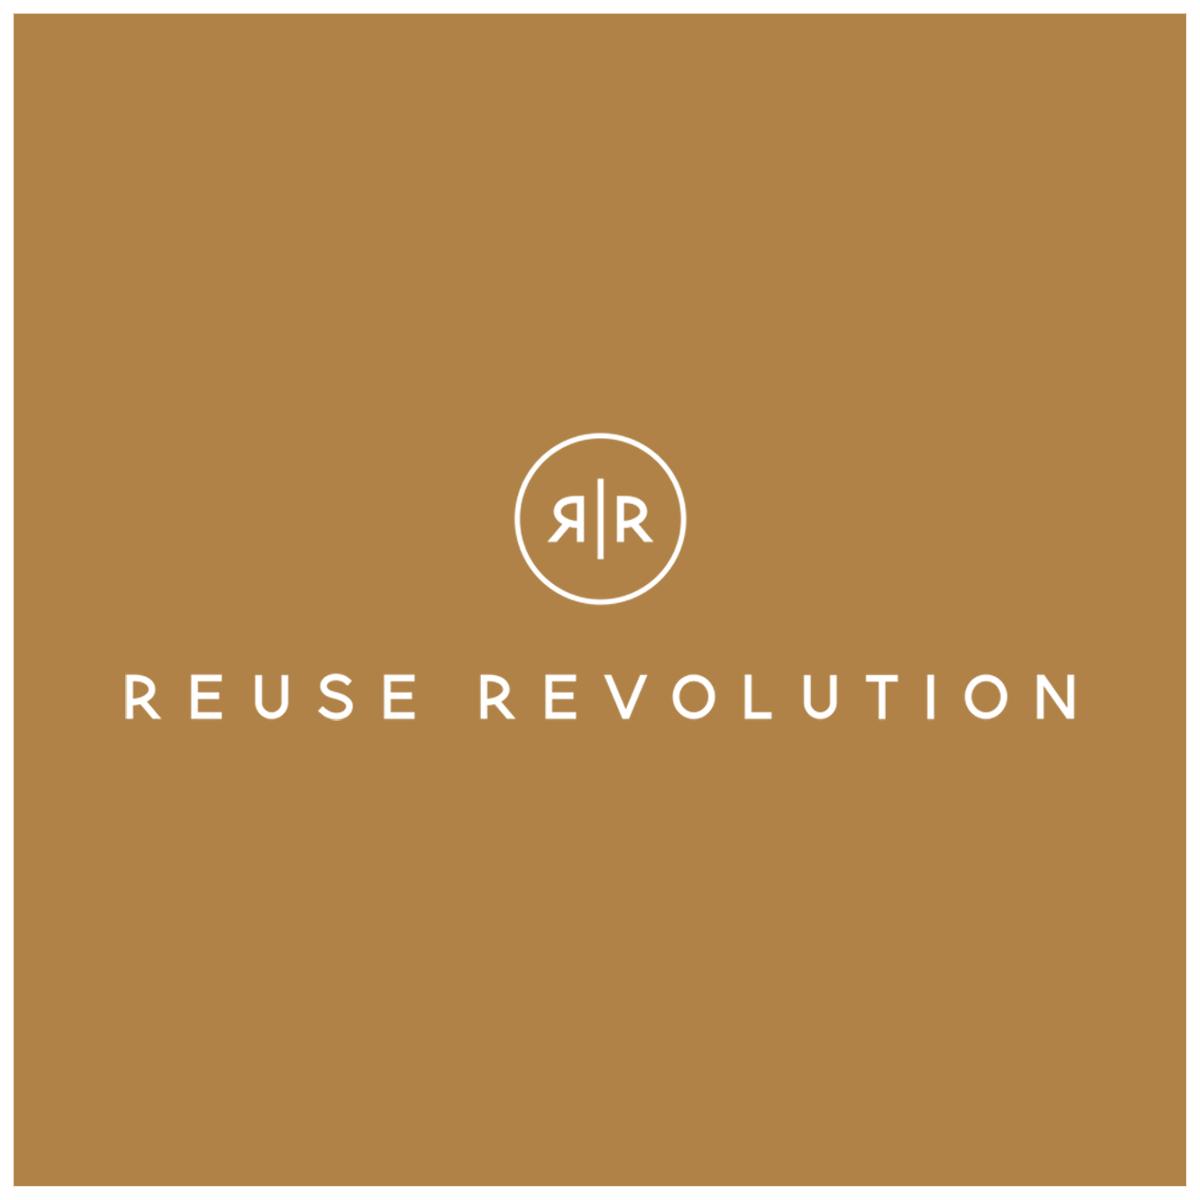 reuserevolution.jpg